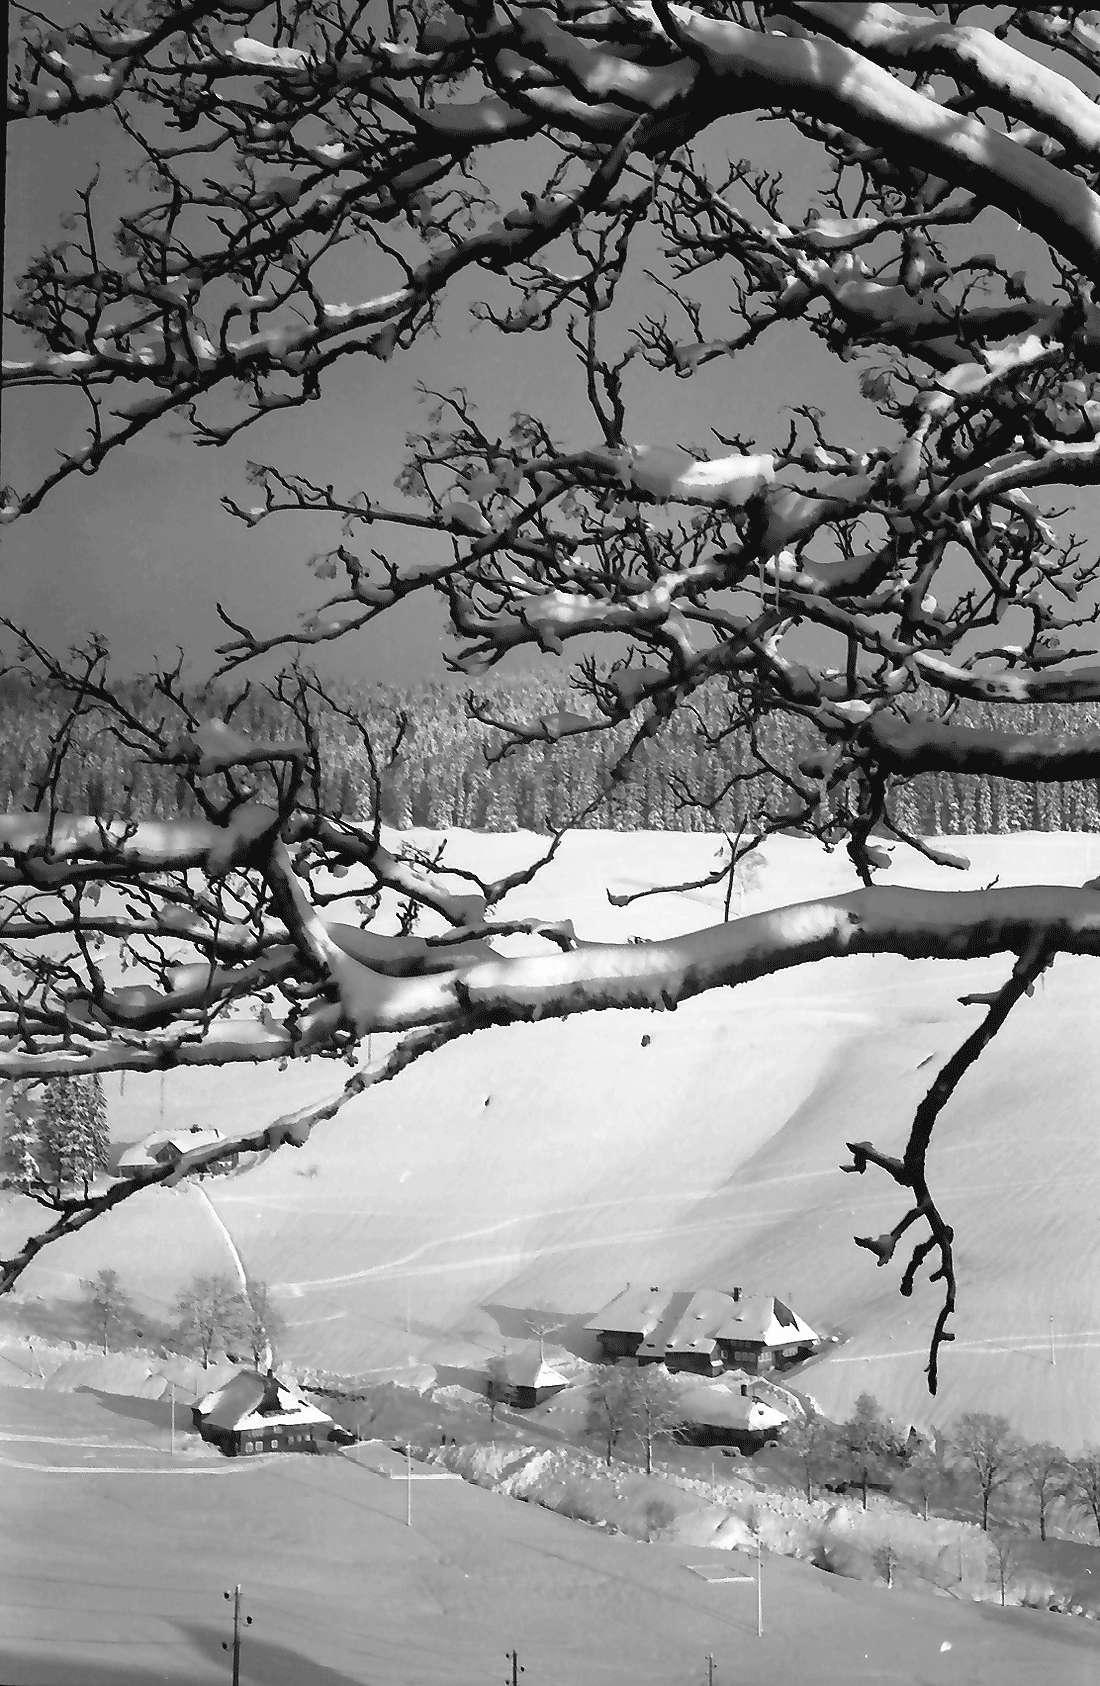 Todtnauberg: Hof im Ortsteil Rütte; mit verschneiten Ästen im Vordergrund, Bild 1